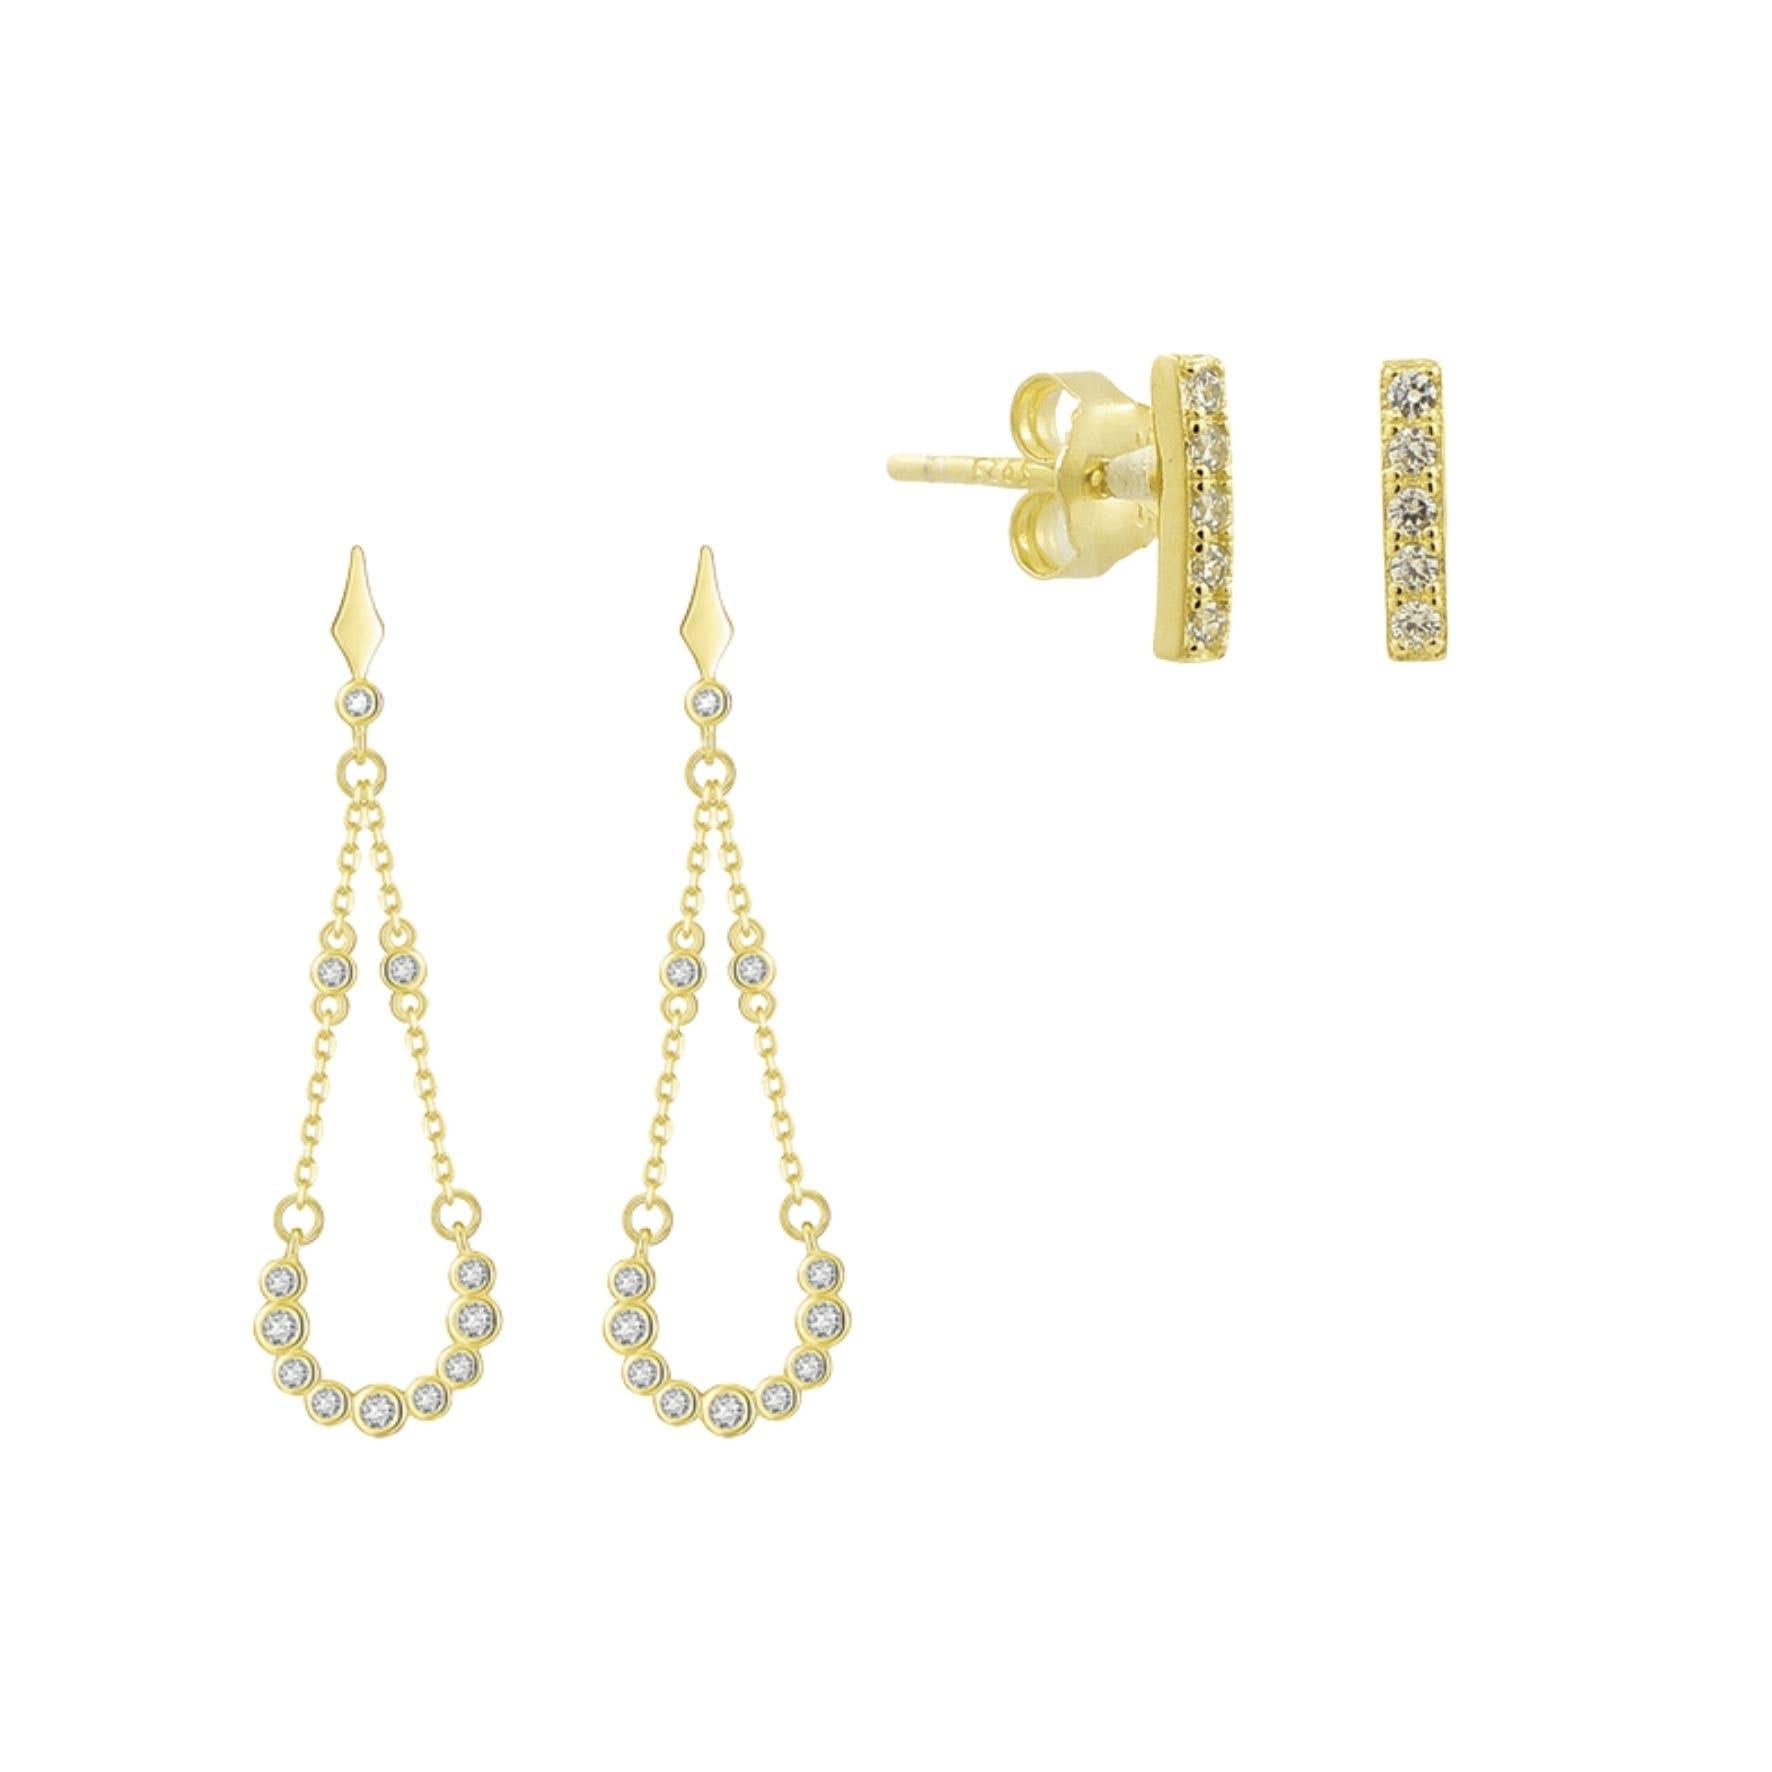 Jewelry mix: Zircons